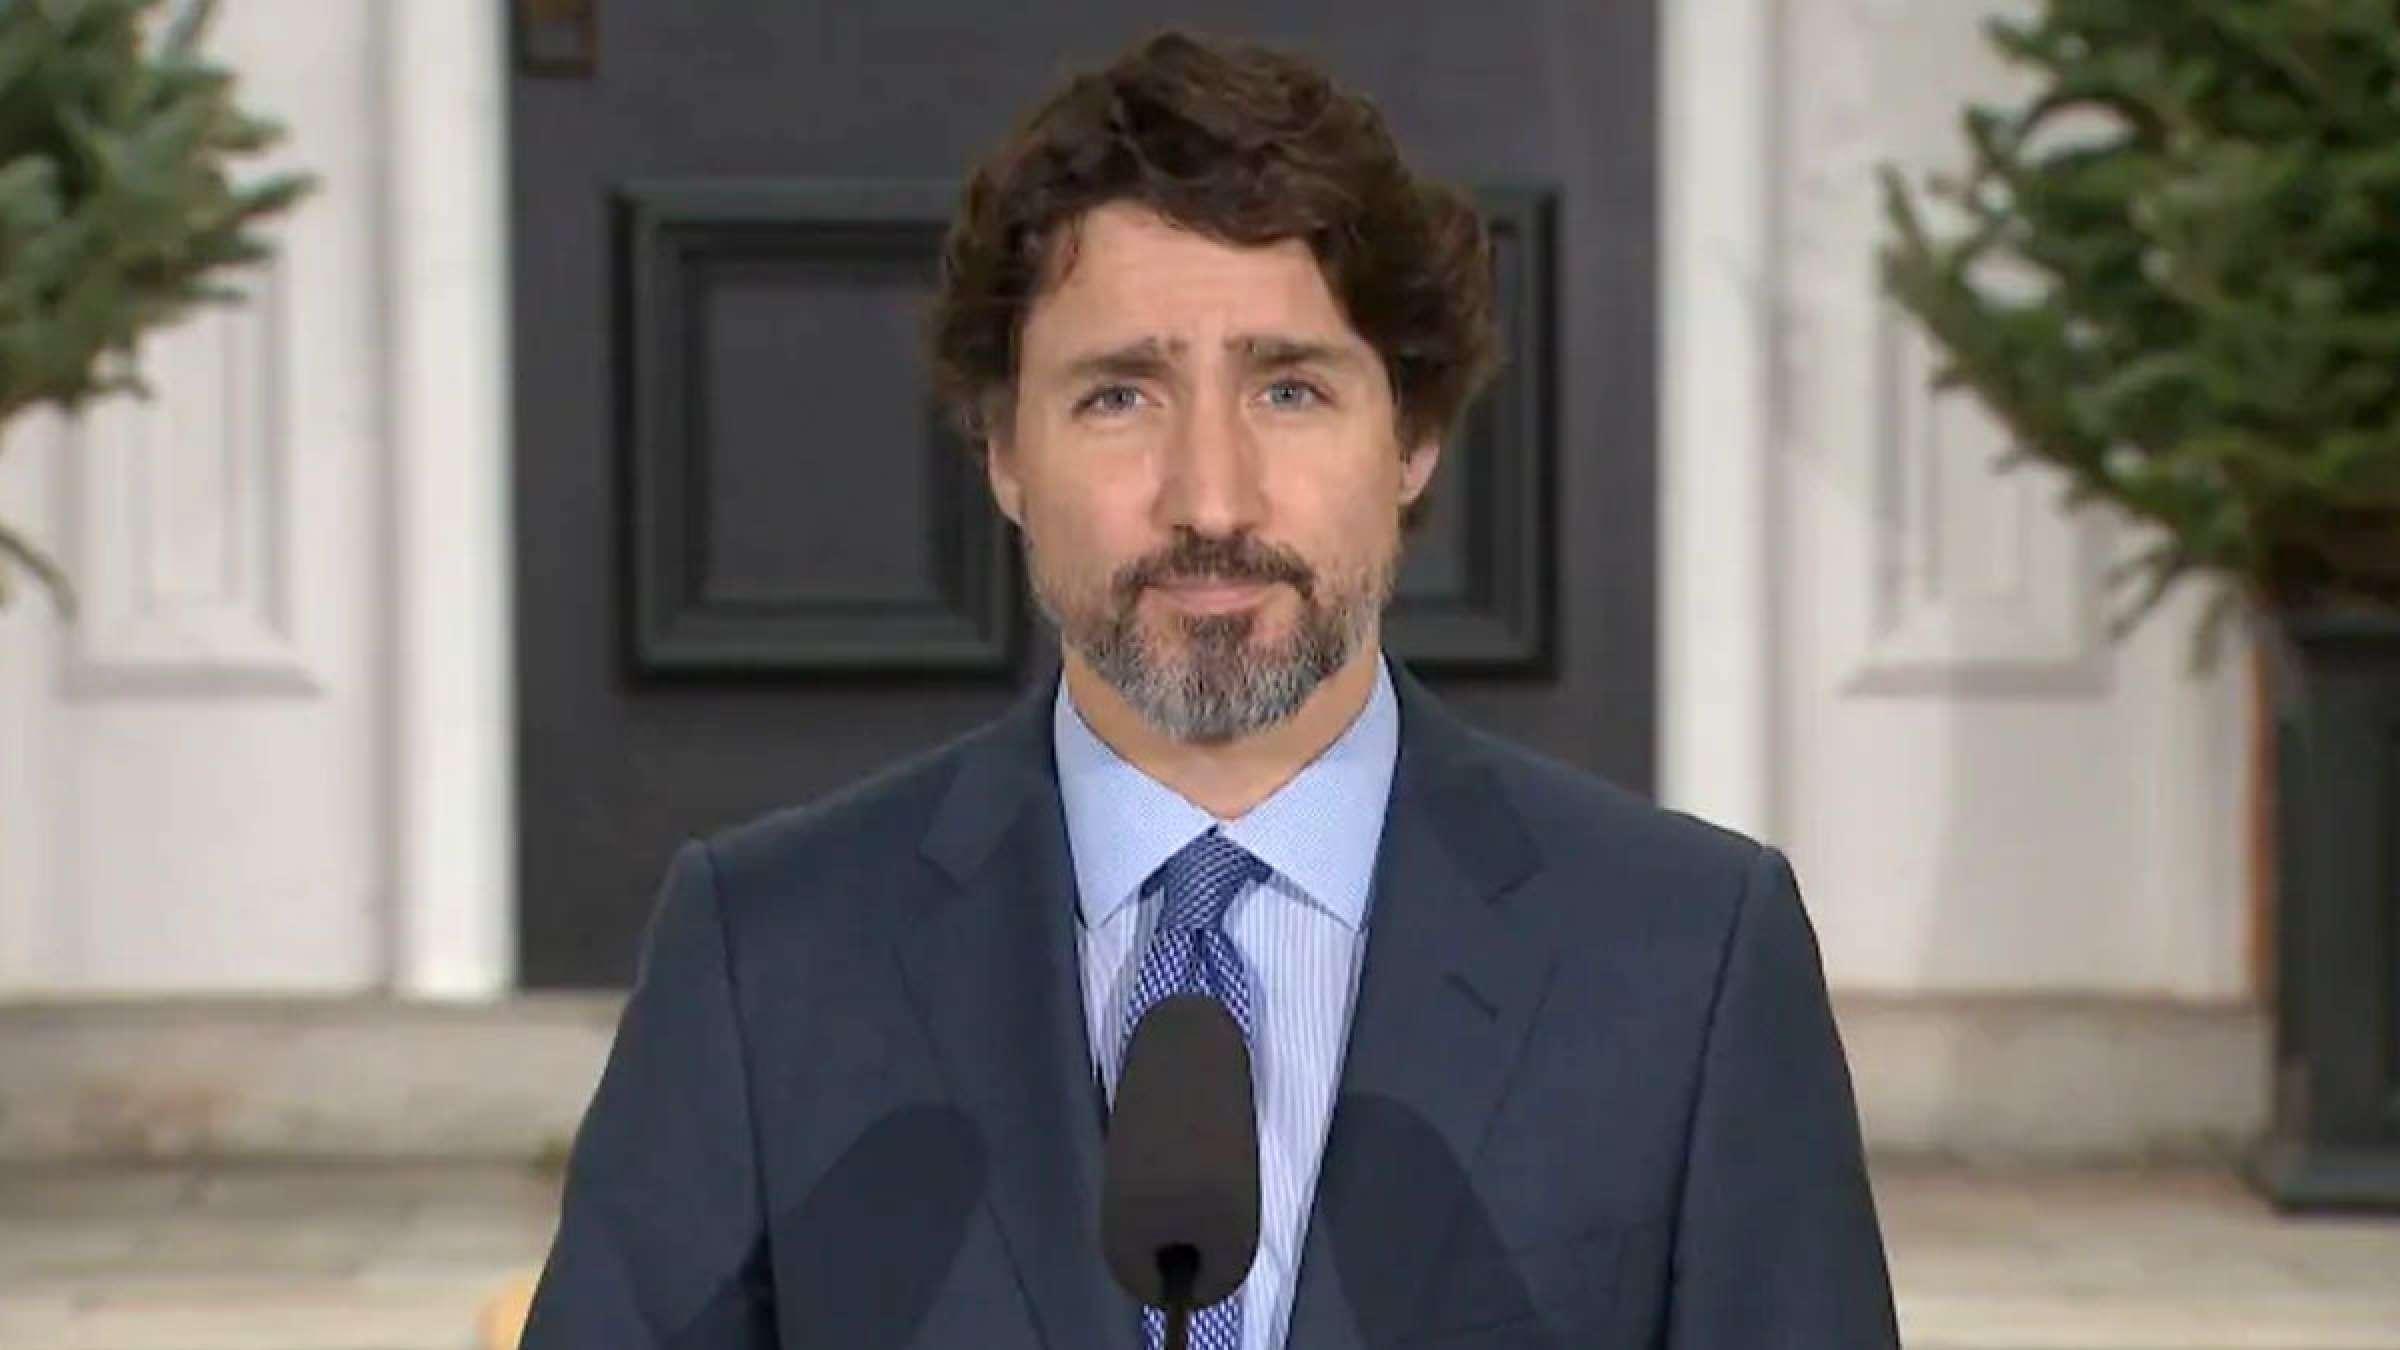 اخبار-کانادا-بسته-ماندن-مرز-با-آمریکا-تا-سی-روز-دیگر-تمدید-شد